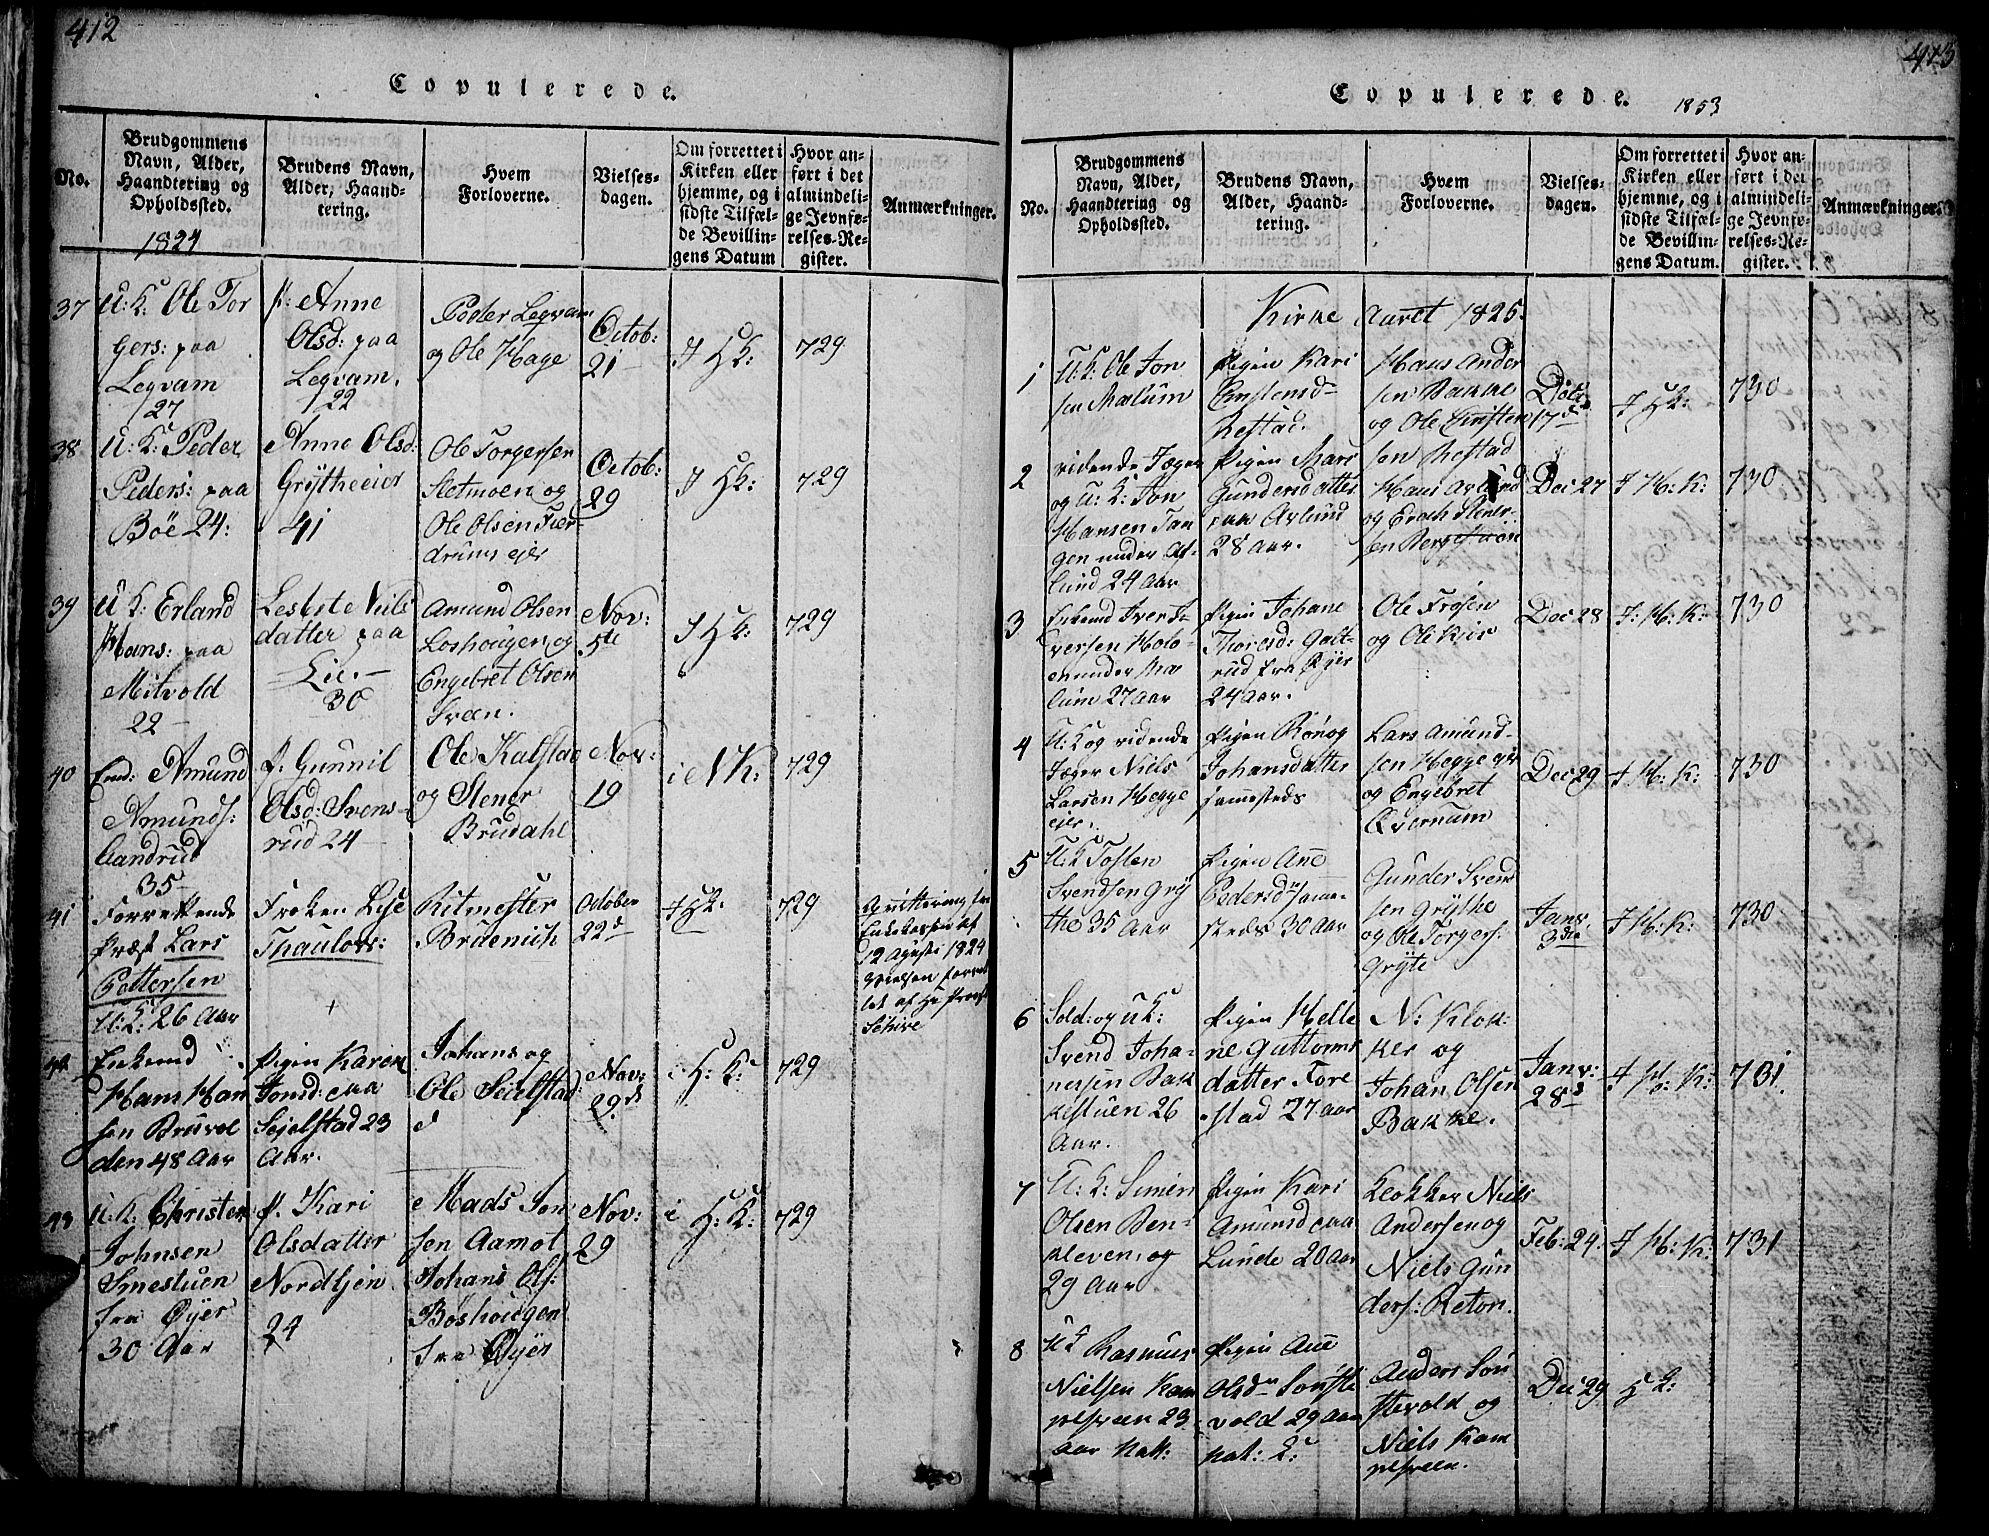 SAH, Gausdal prestekontor, Klokkerbok nr. 1, 1817-1848, s. 412-413